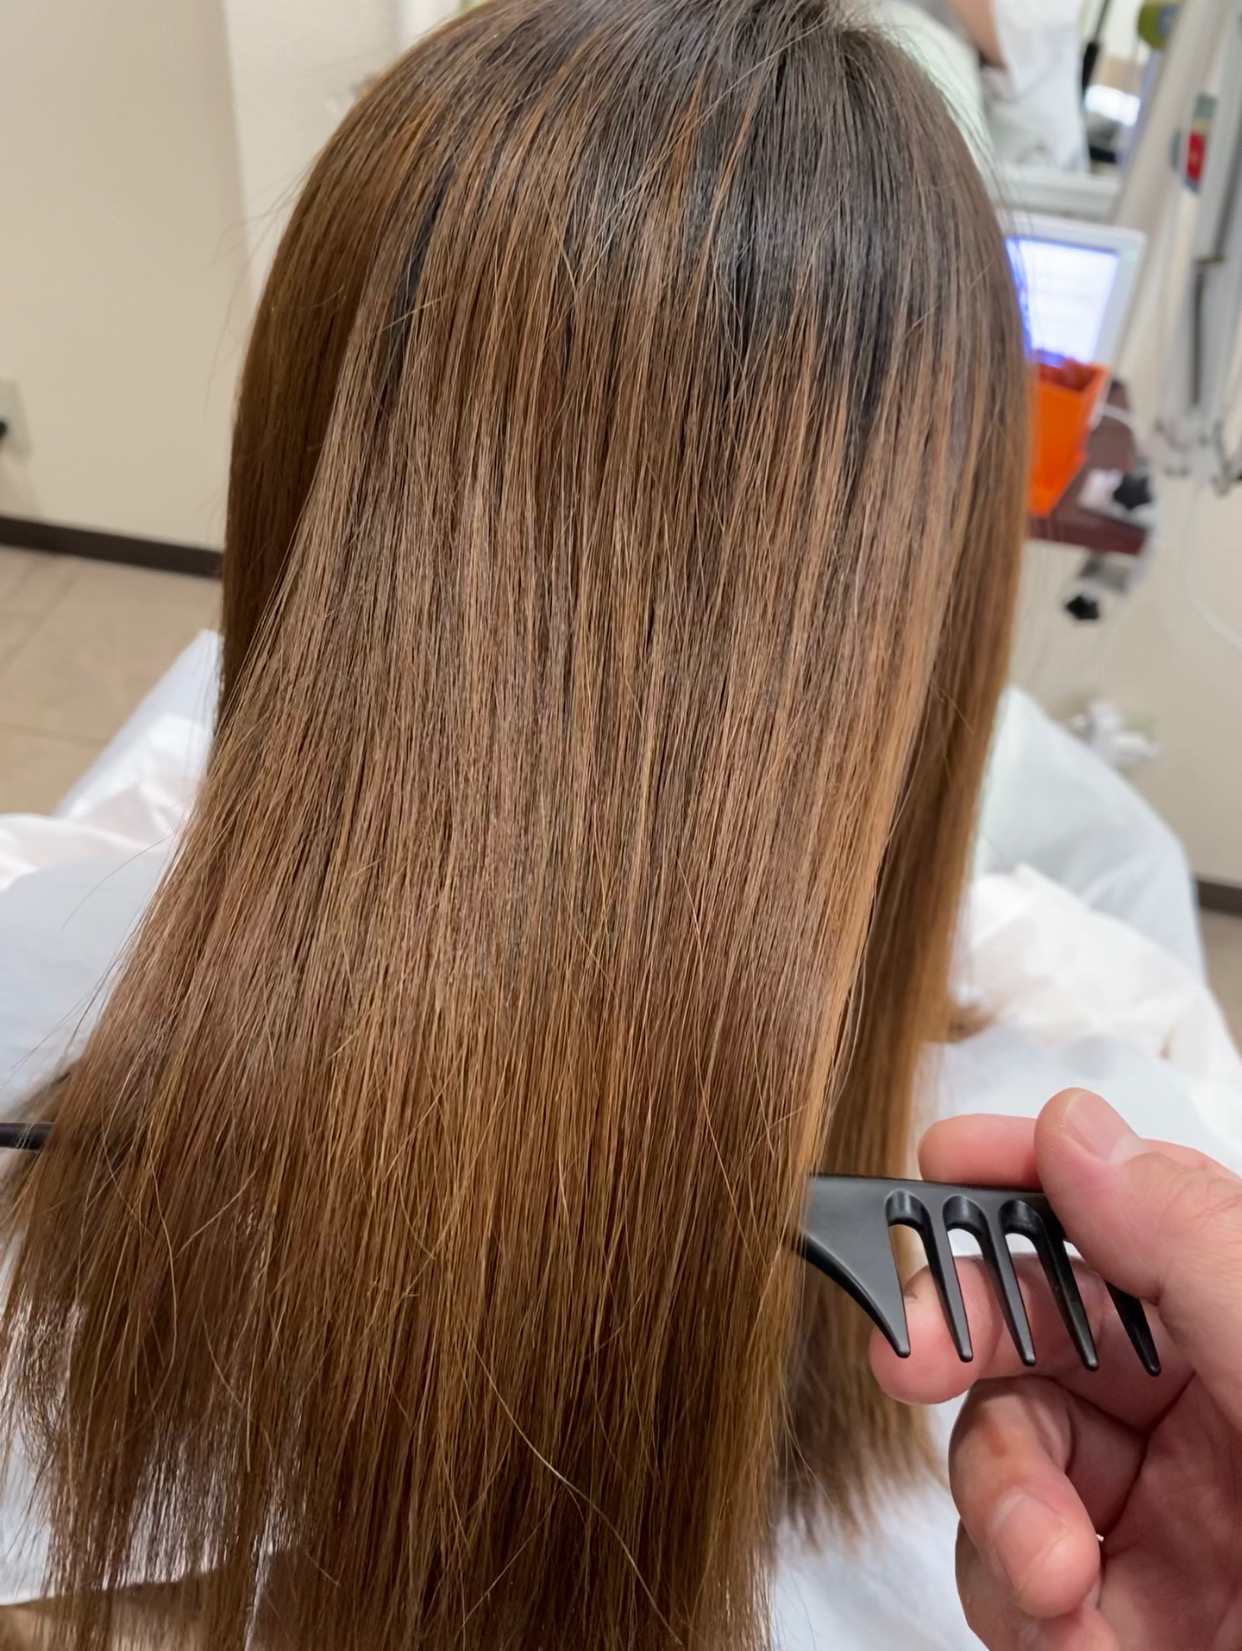 縮毛矯正 髪質改善 ブリーチ毛 ハイライト 大阪 美容室 堺市